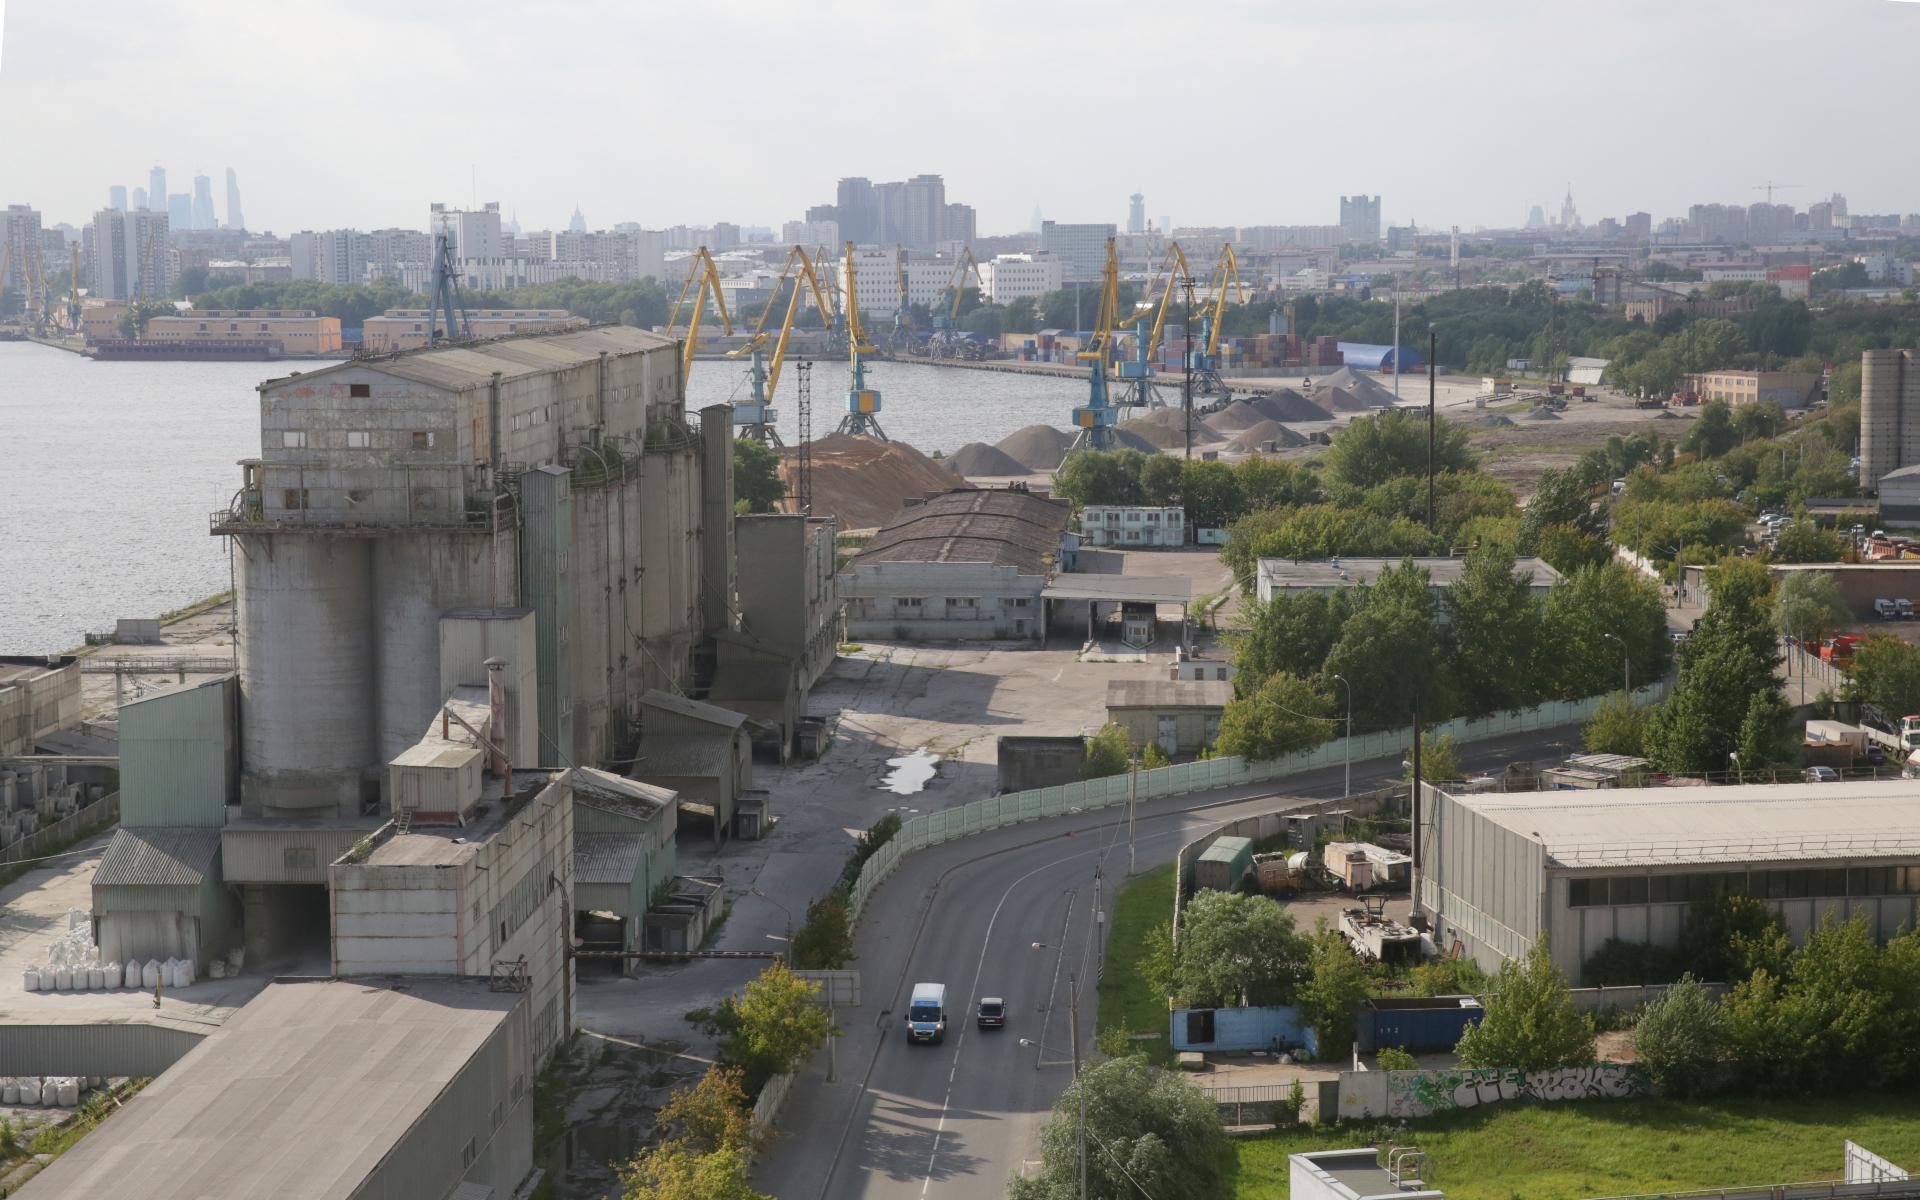 Инвестиции в редевелопмент составят 100 млрд руб. Предельный срок реализации проекта не превысит 11 лет